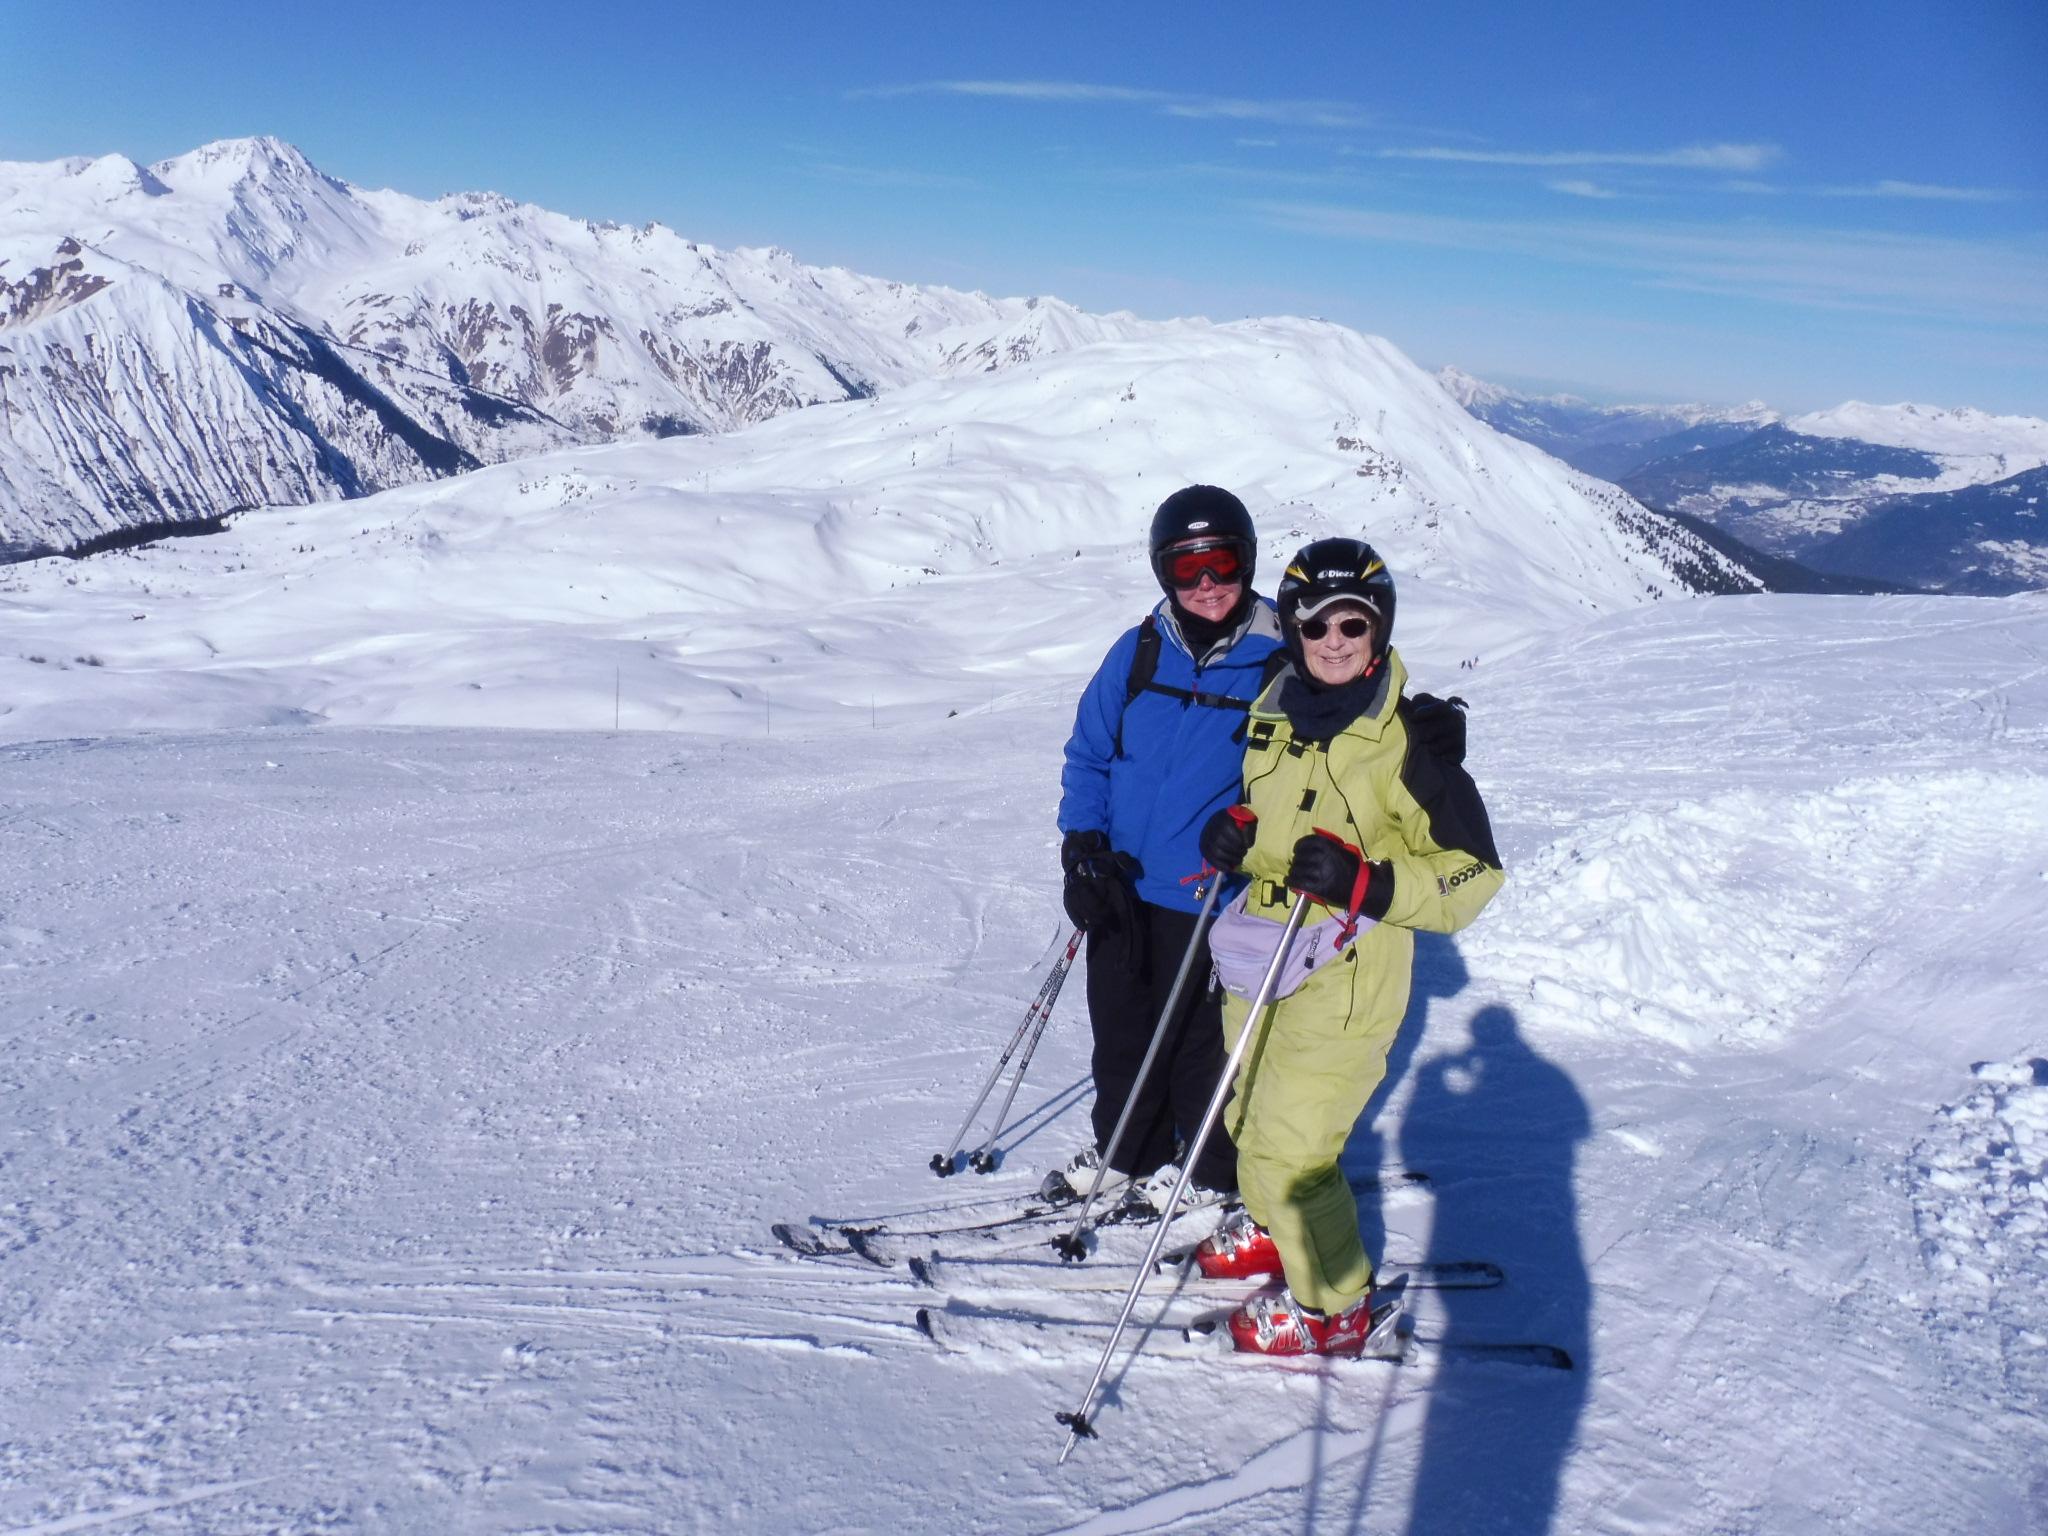 Skiing with mum